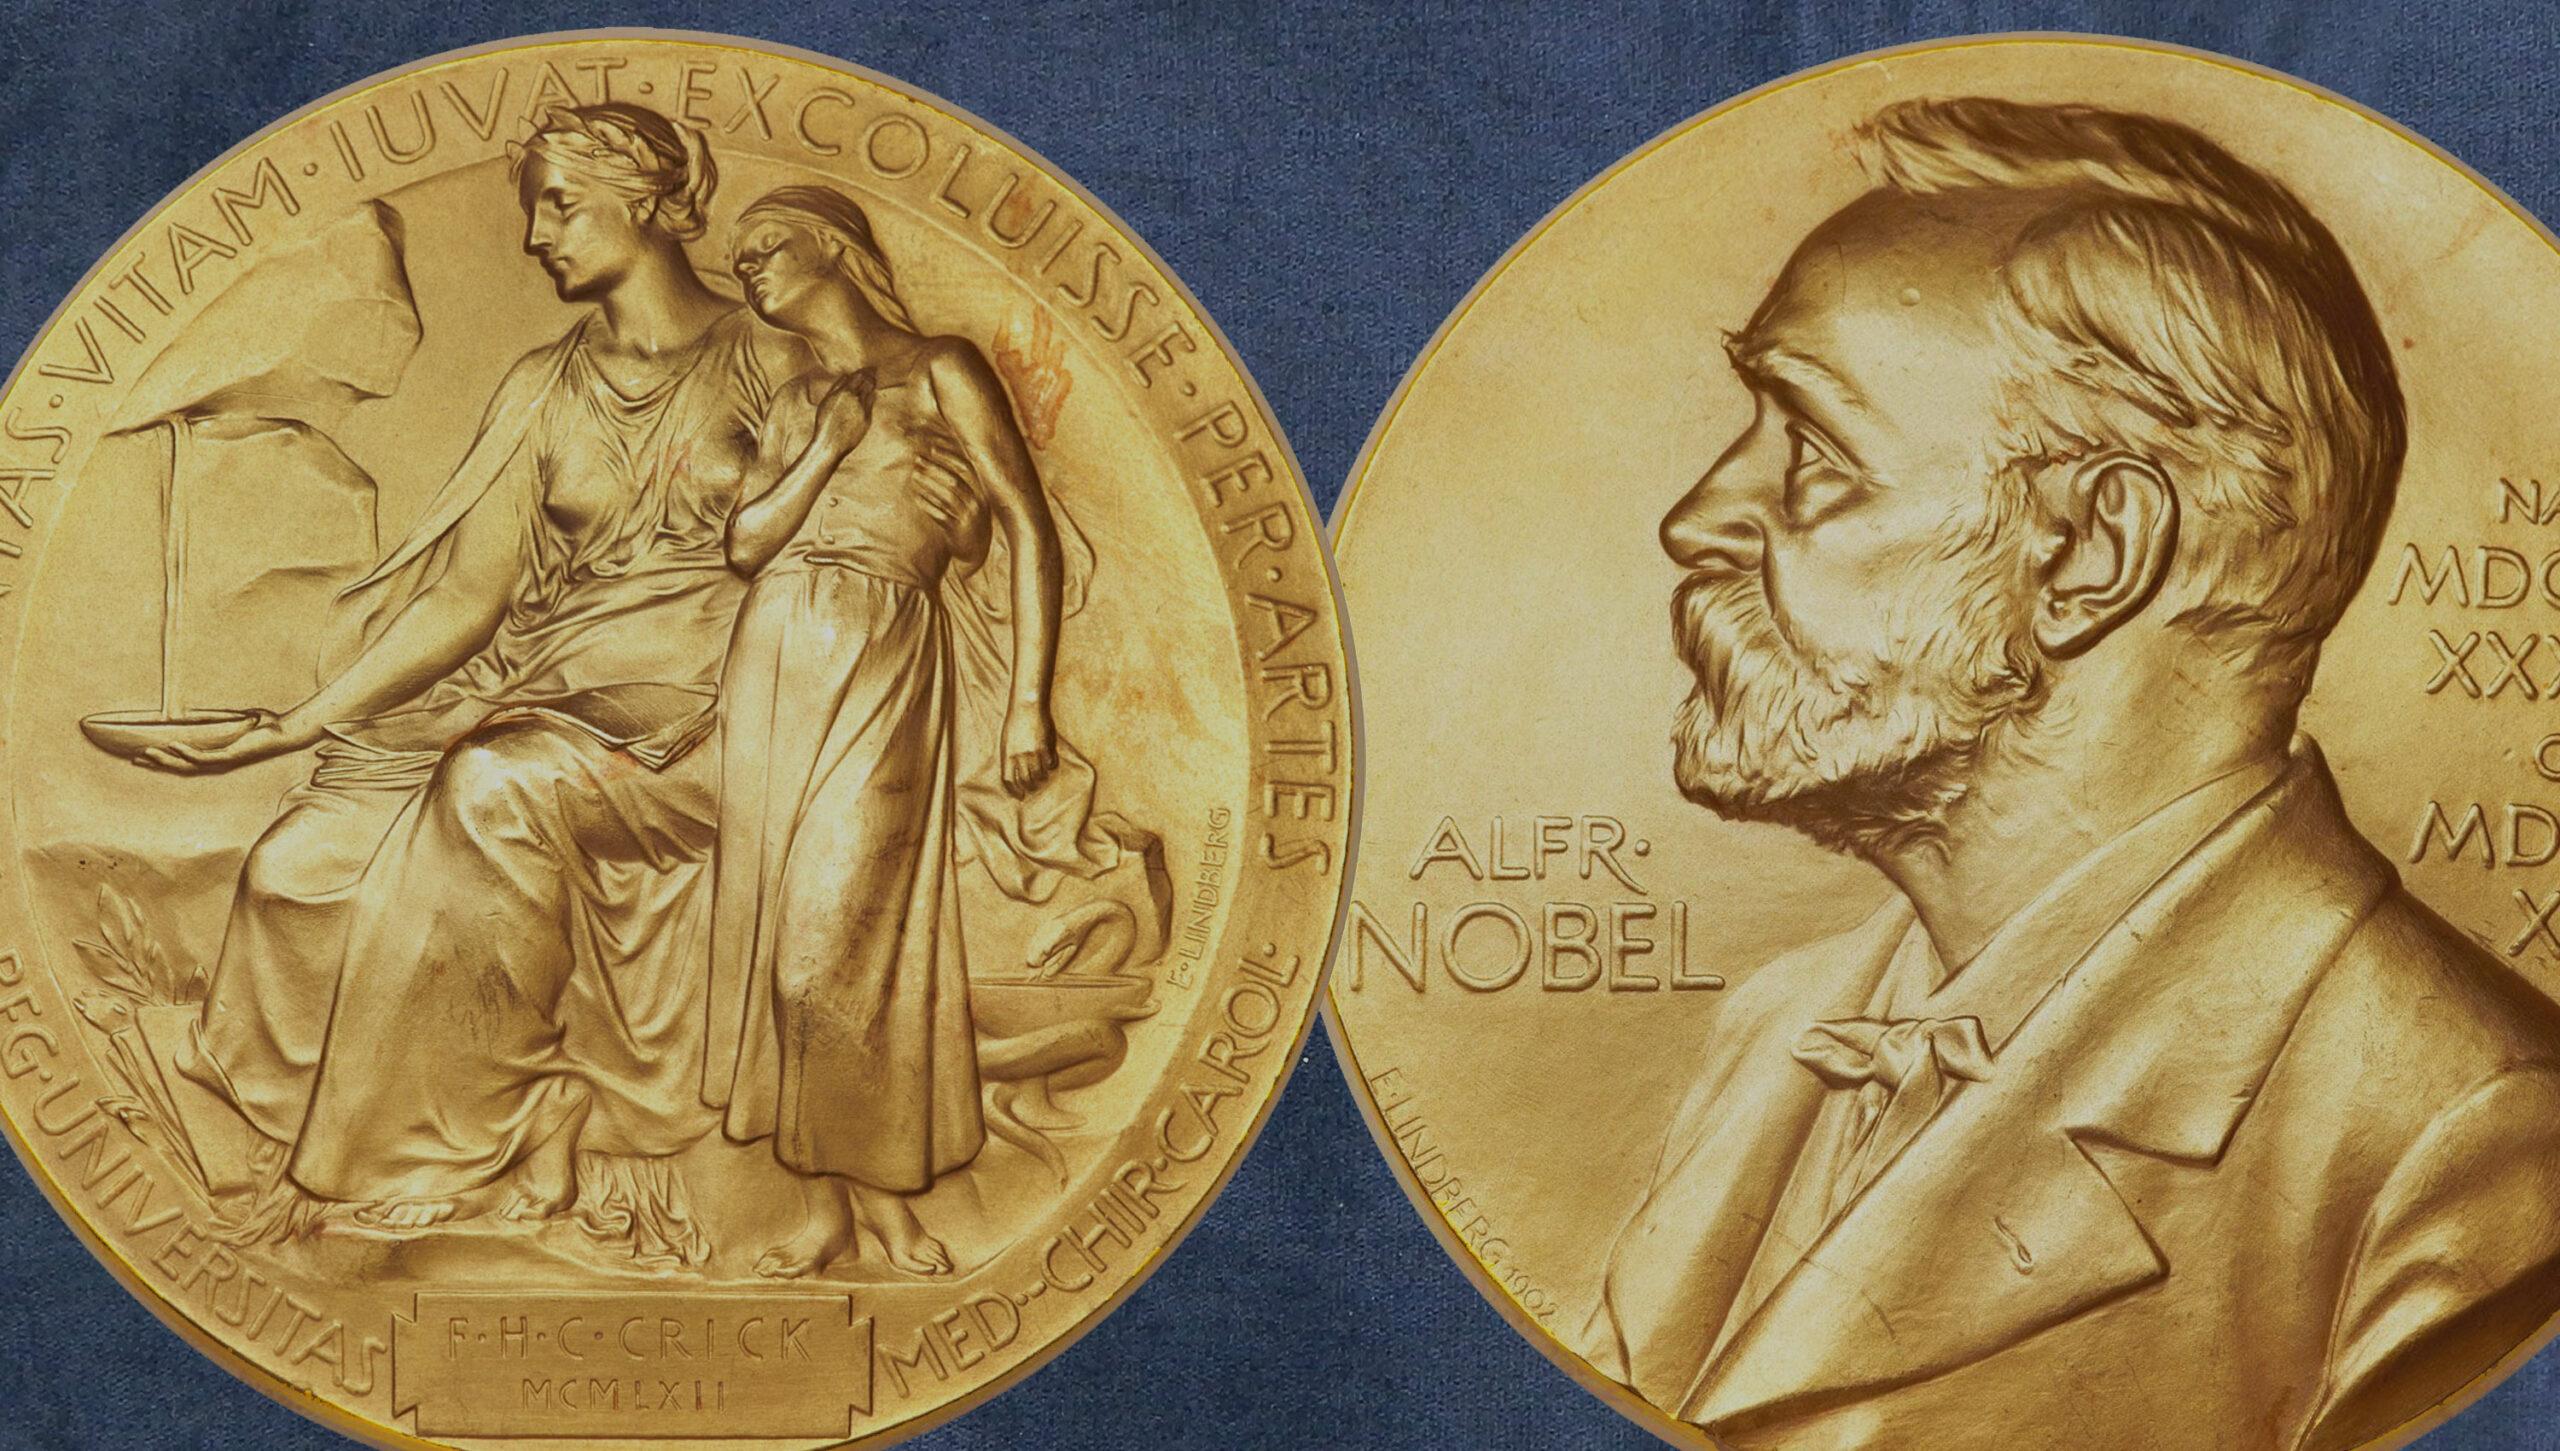 #63 Prêmio Nobel 2017 de Fisiologia ou Medicina: Os Mecanismos Moleculares que Controlam o Ritmo Circadiano